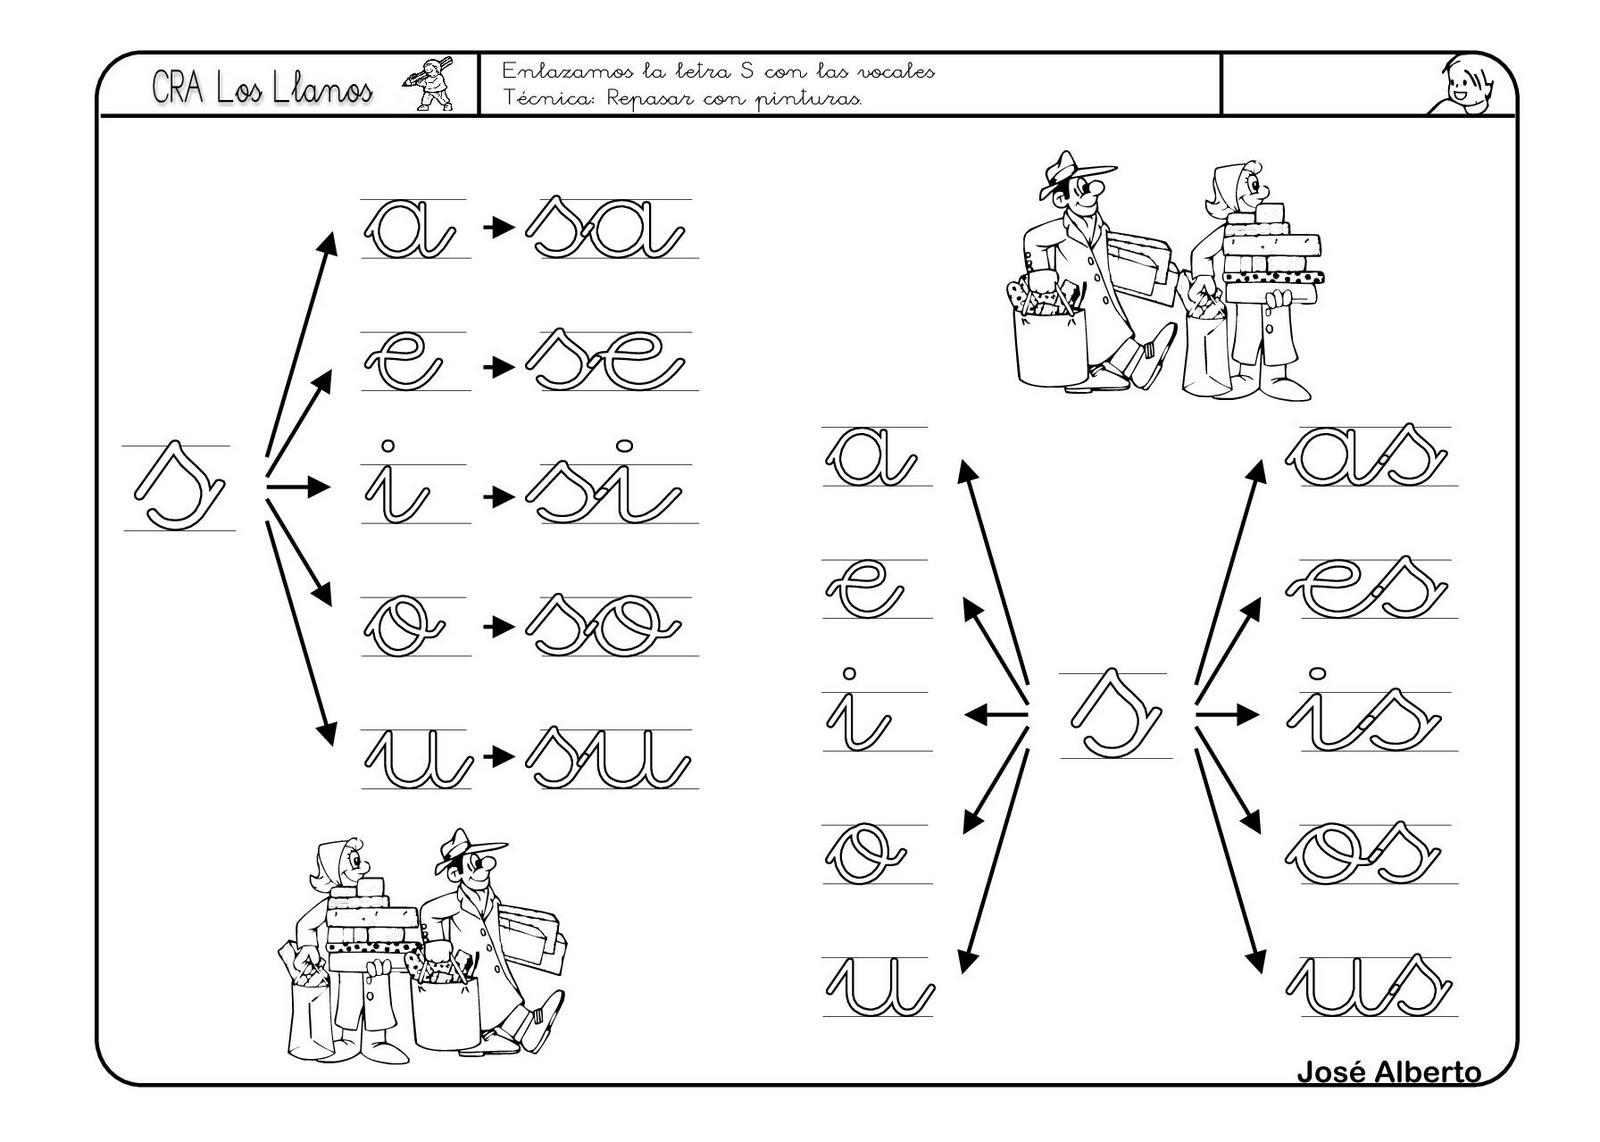 El TIC Tac De Infantil: Fichas Escritura Letra S